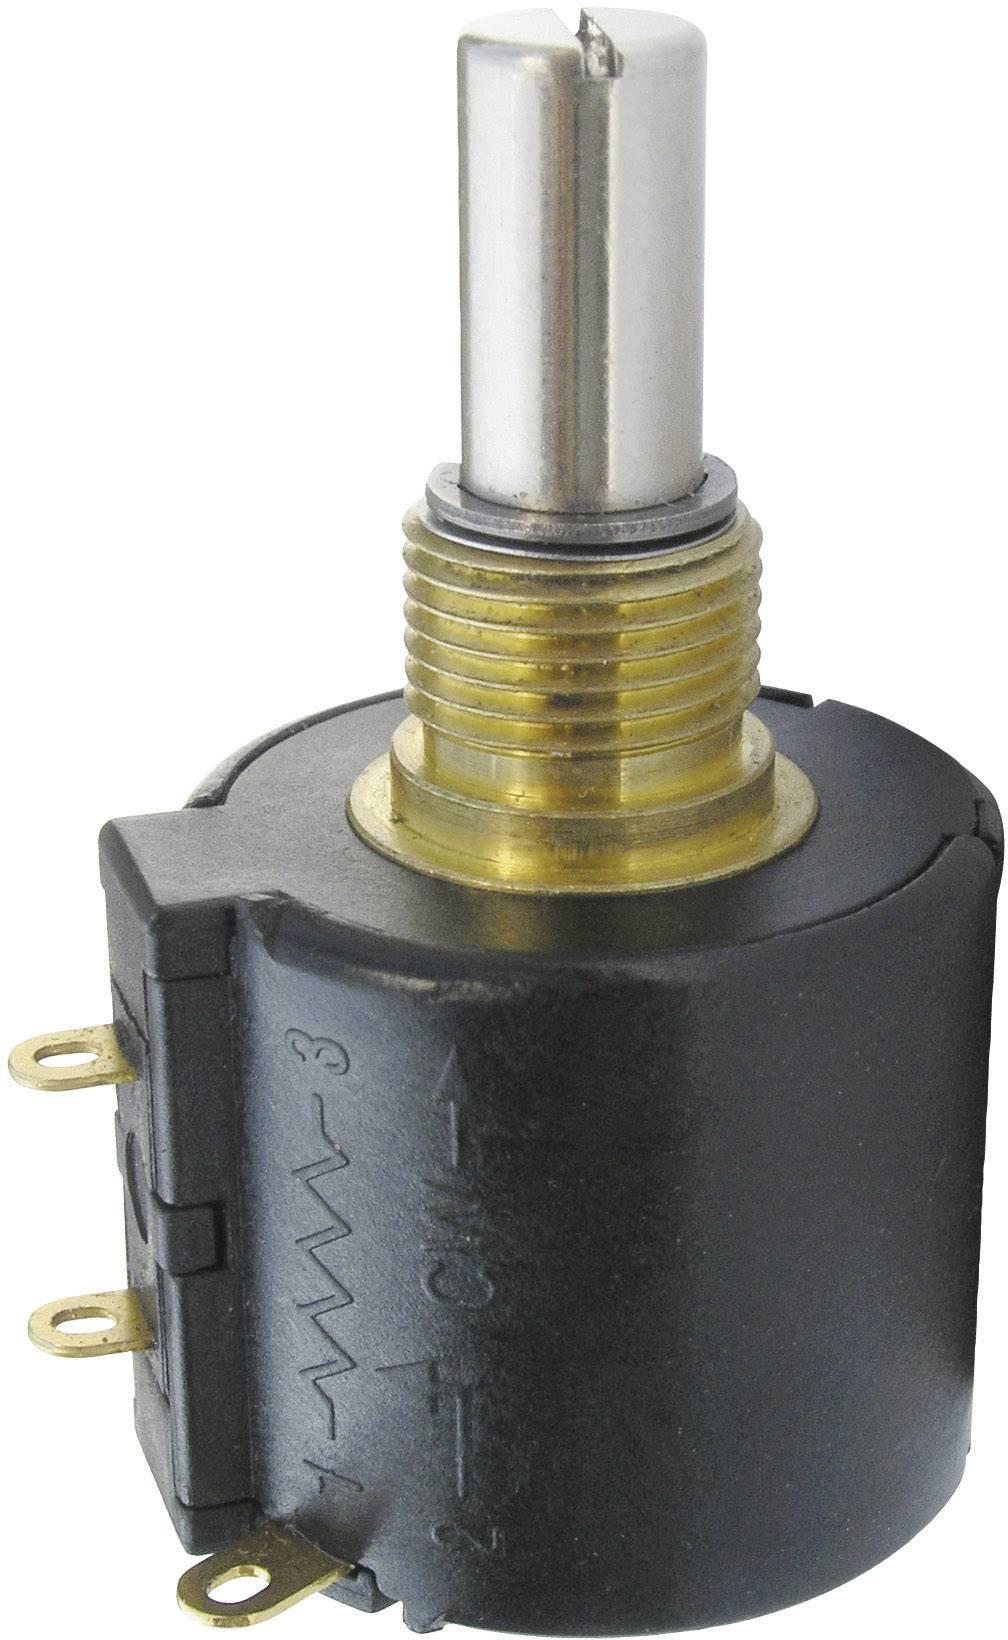 Presný potenciometer Wirewound, 10-cestný mono Bourns 3549S-1AA-101A 3549S-1AA-101A, 2 W, 100 Ohm, 1 ks